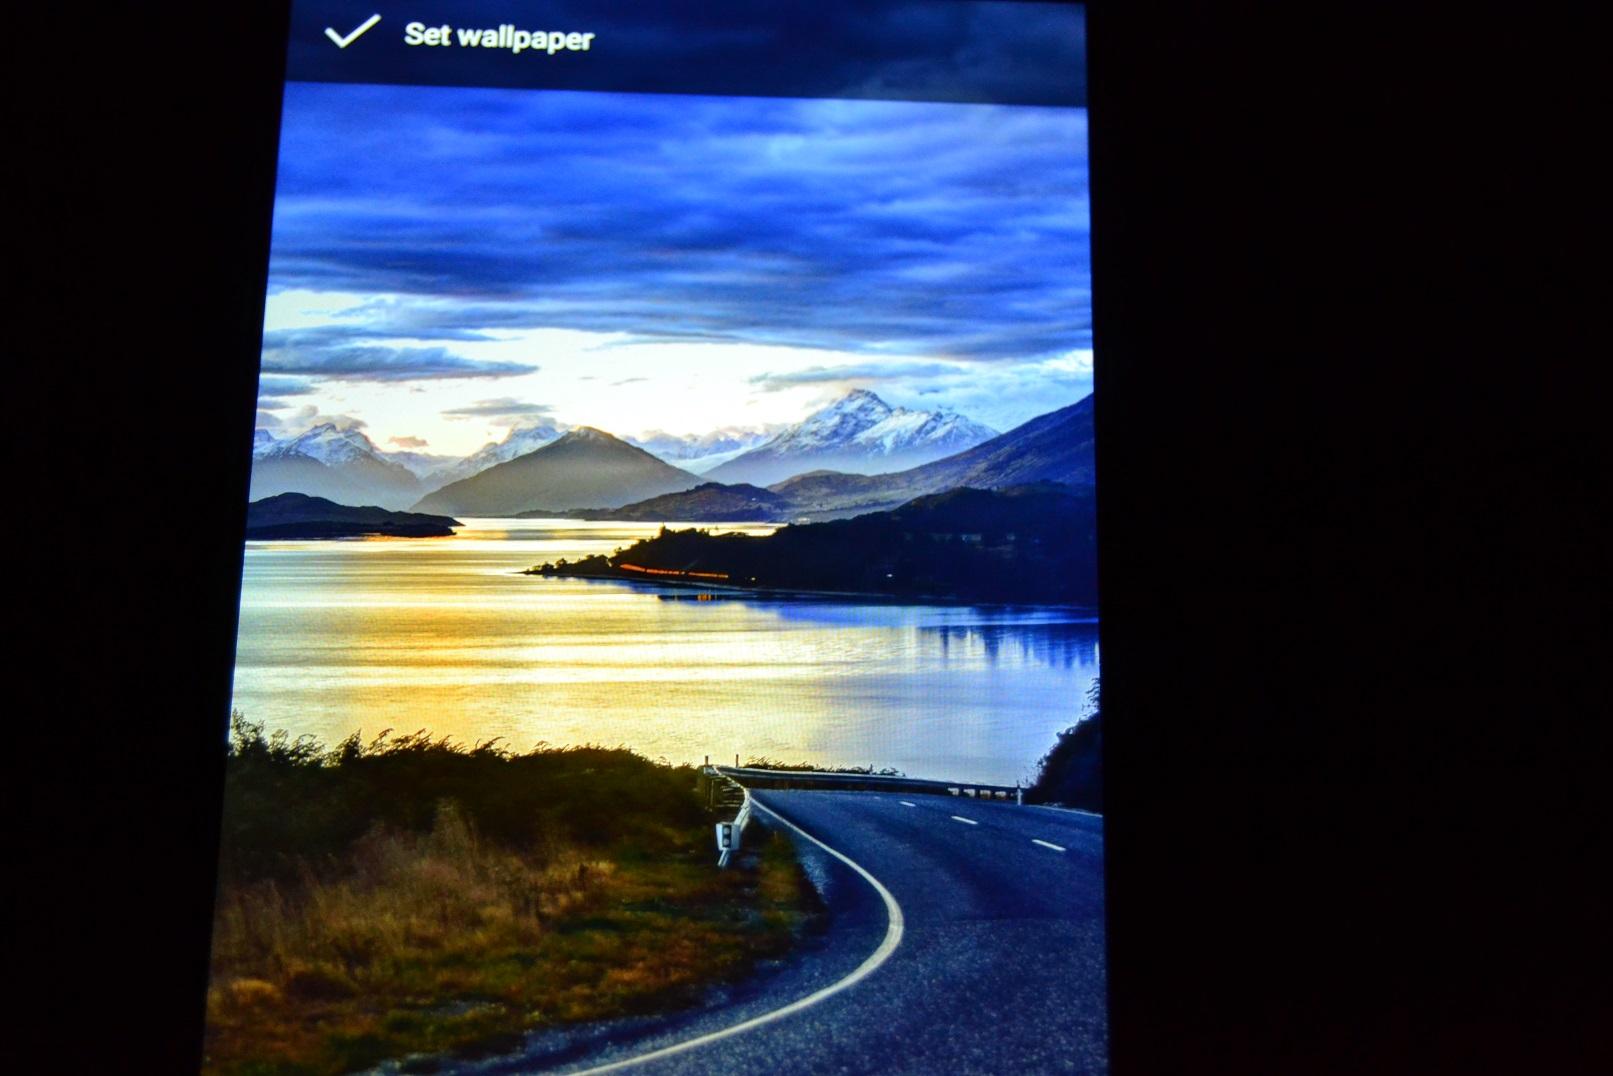 DSC_0458 REVIEW display UMi Touch si comparat cu UMi Super, tot partea de display